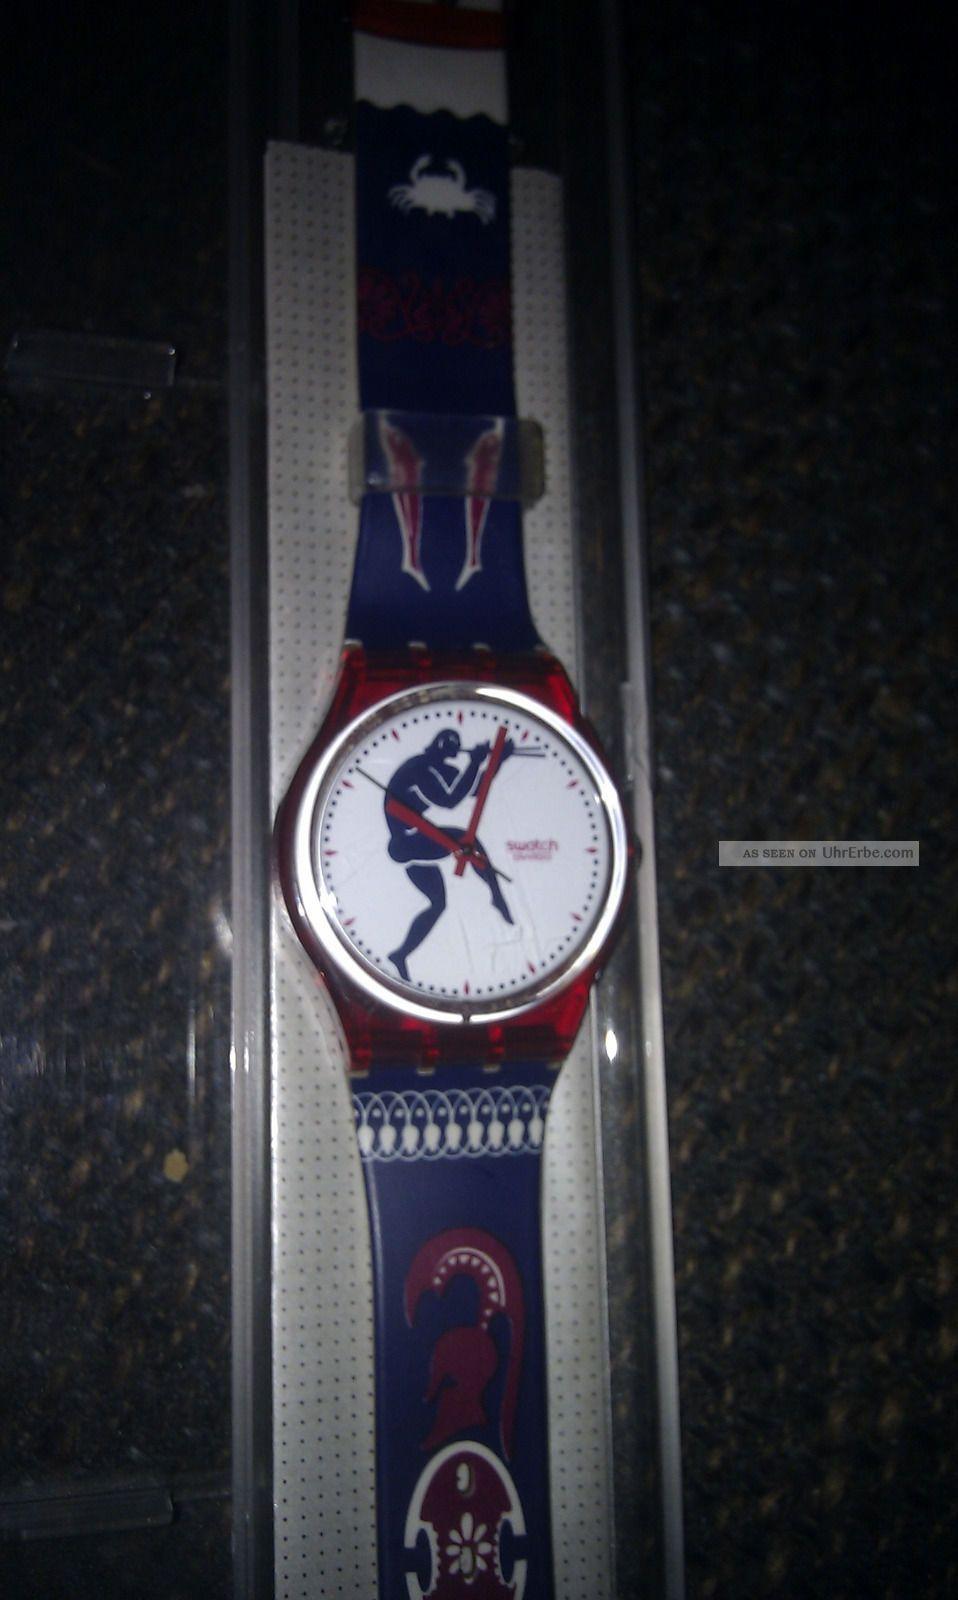 Swatch Uhr Gr 111 Tedophorus Uhr Ungetragen Retro 1991 Armbanduhren Bild